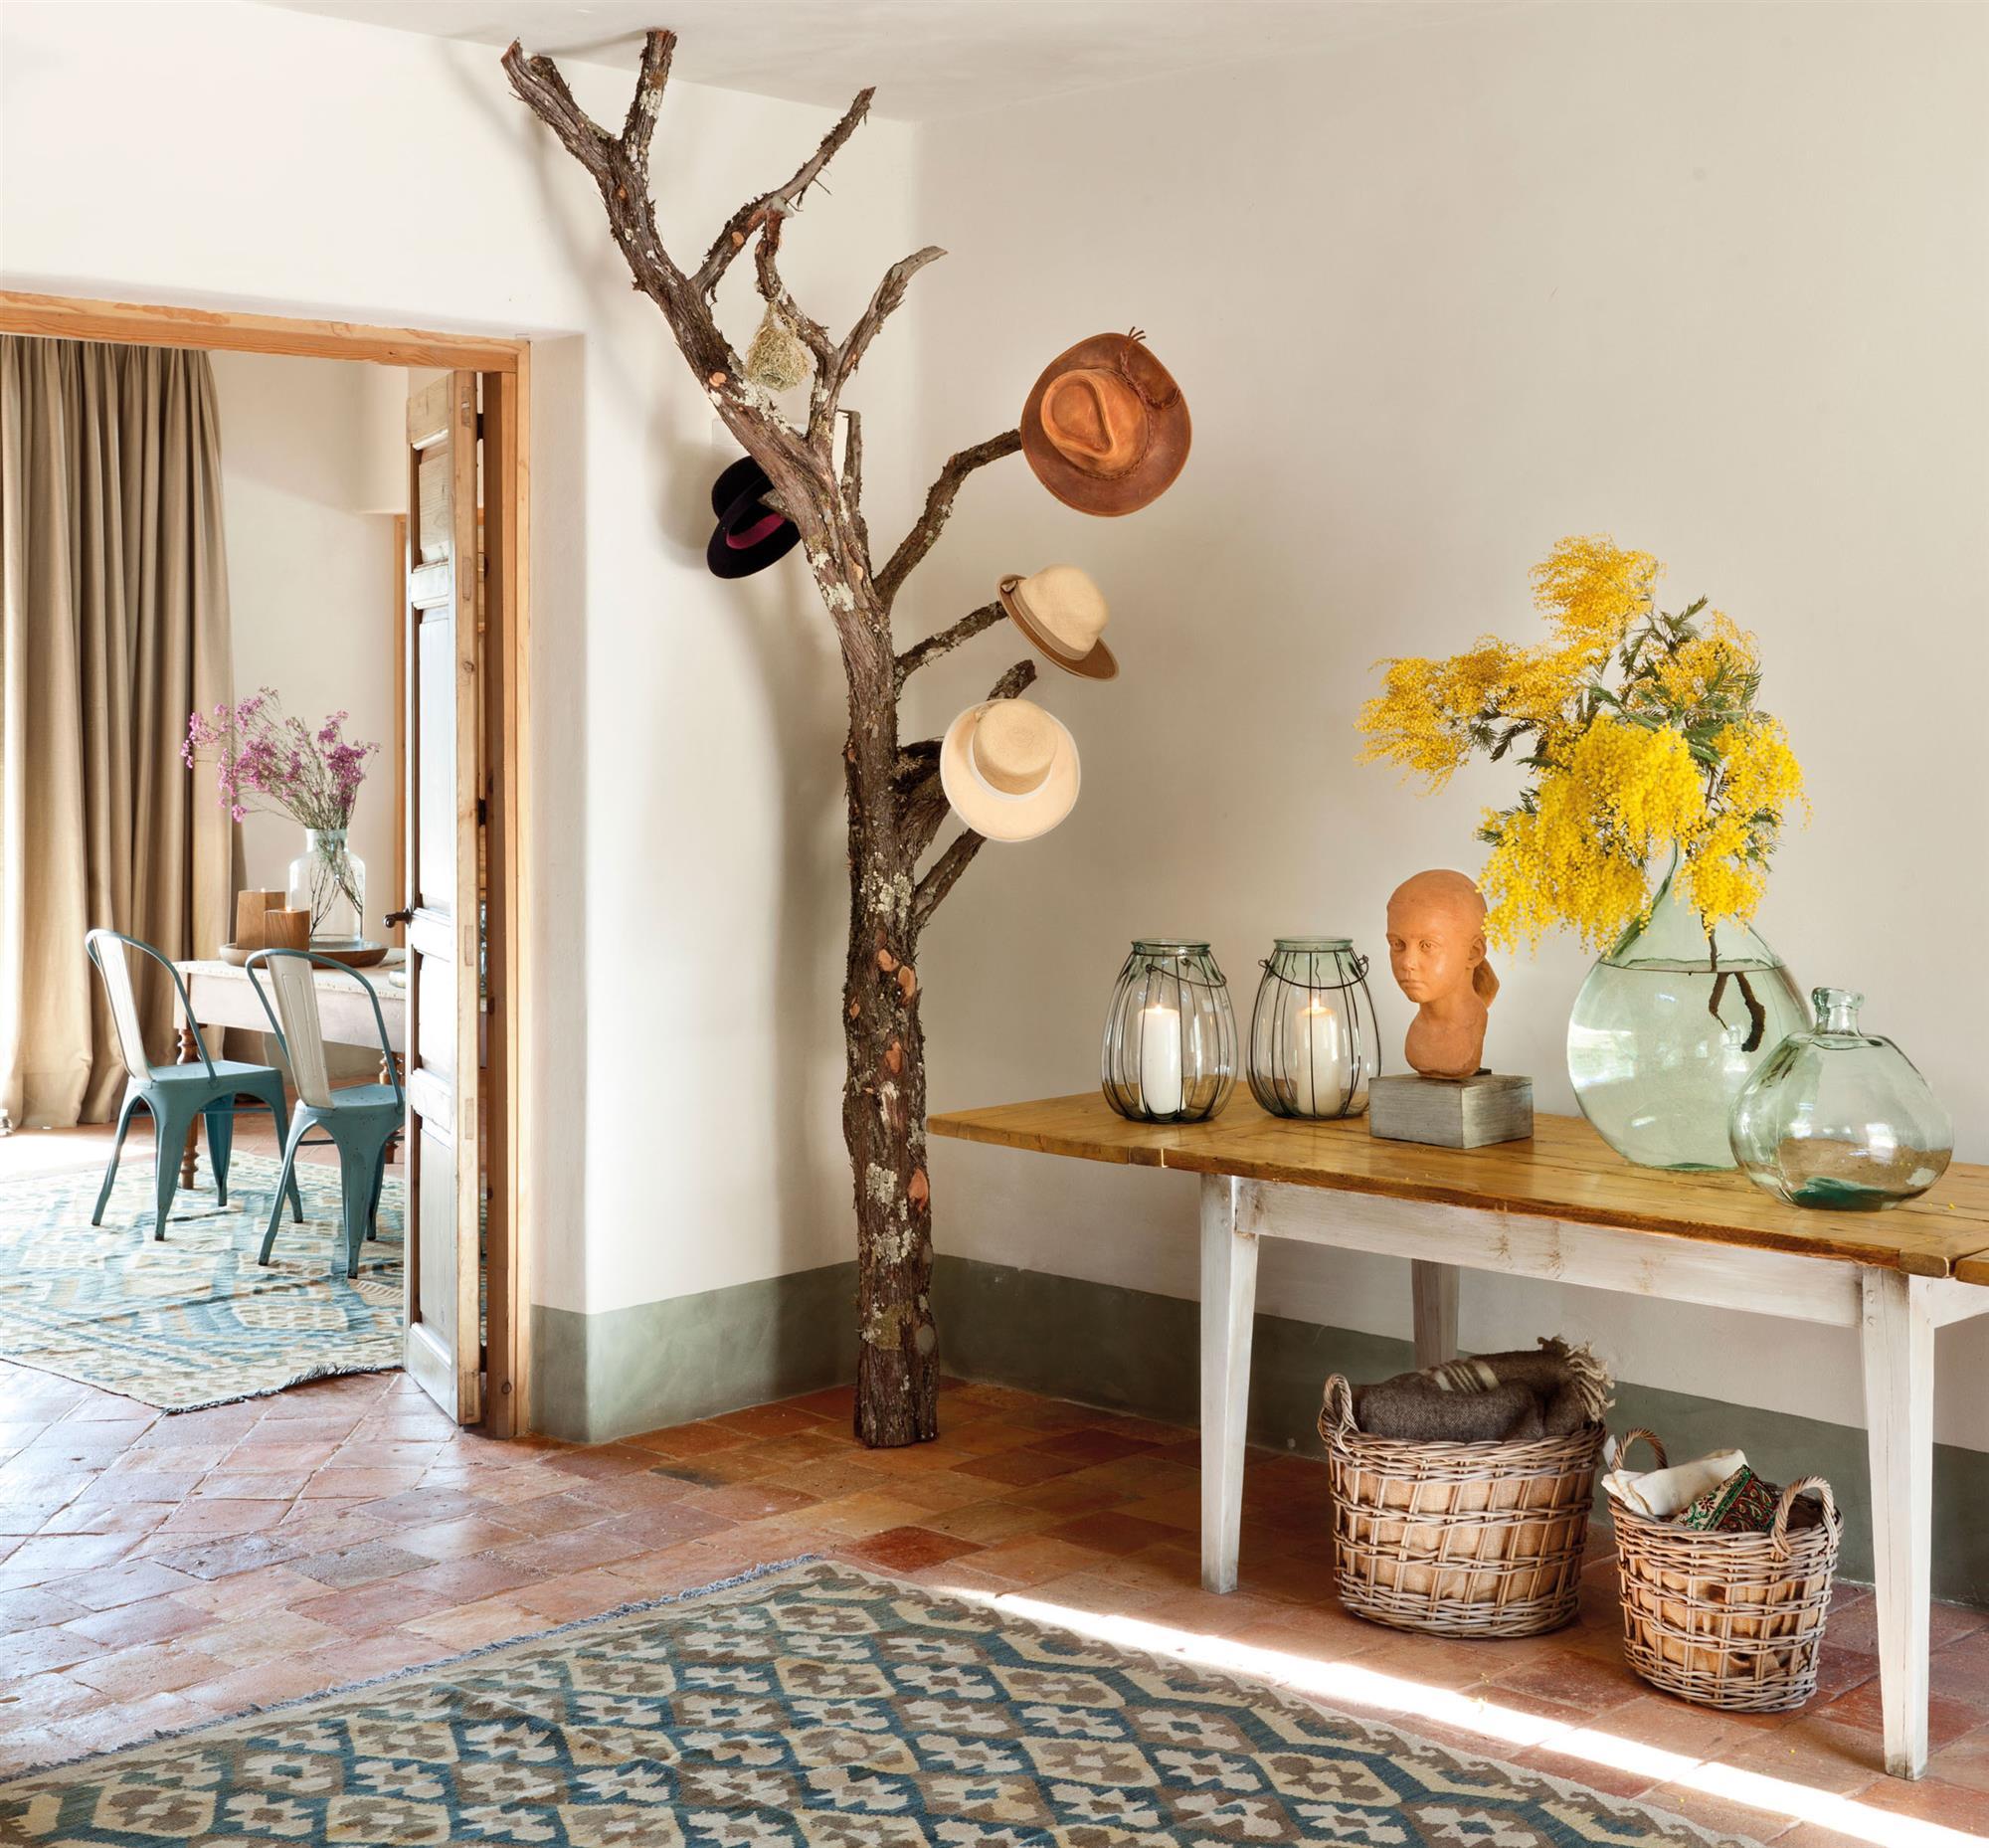 decorar seg n el feng shui. Black Bedroom Furniture Sets. Home Design Ideas